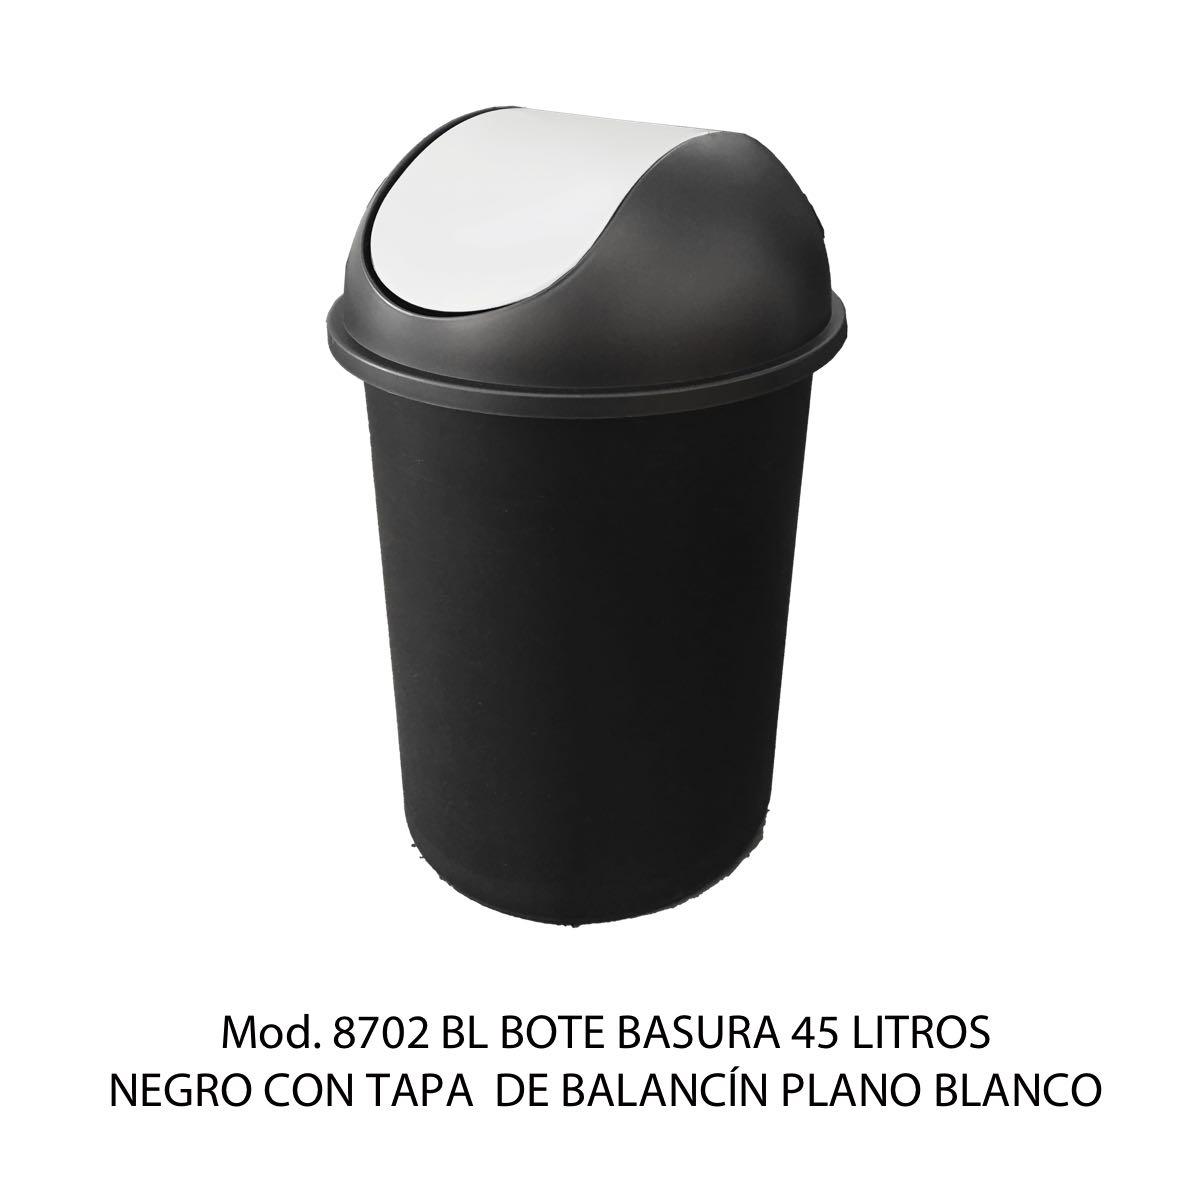 Bote de basura redondo negro de 45 litros con tapa blanco tipo balancín liso modelo 8702 BL Sablón